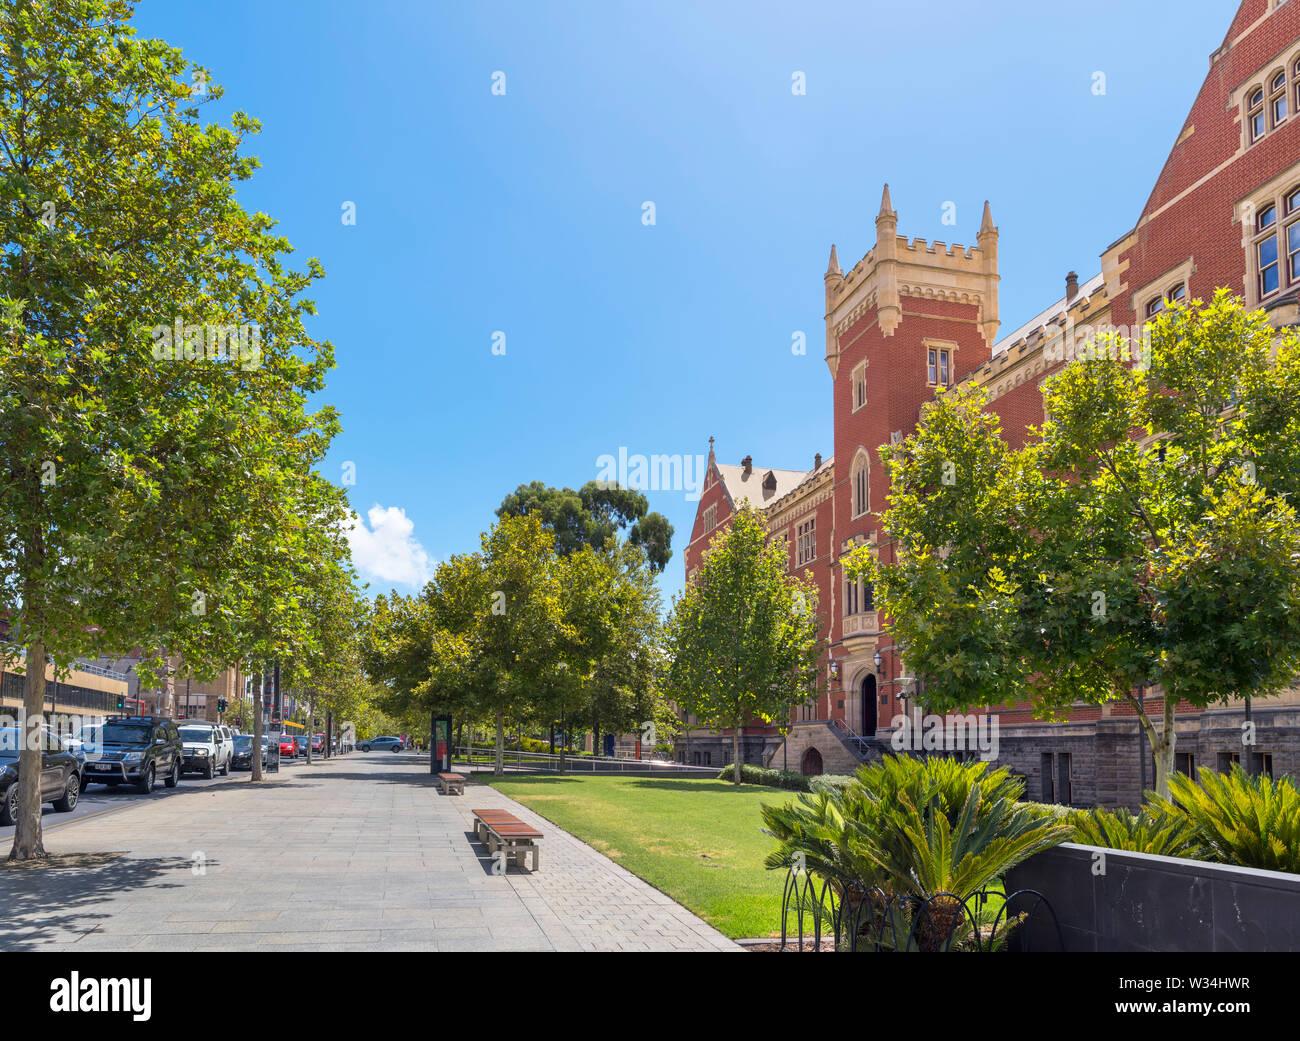 North Terrace mit dem brookman Hall Gebäude der Universität von South Australia (UniSA) auf der rechten Seite, City East Campus, Adelaide, South Australia Stockfoto